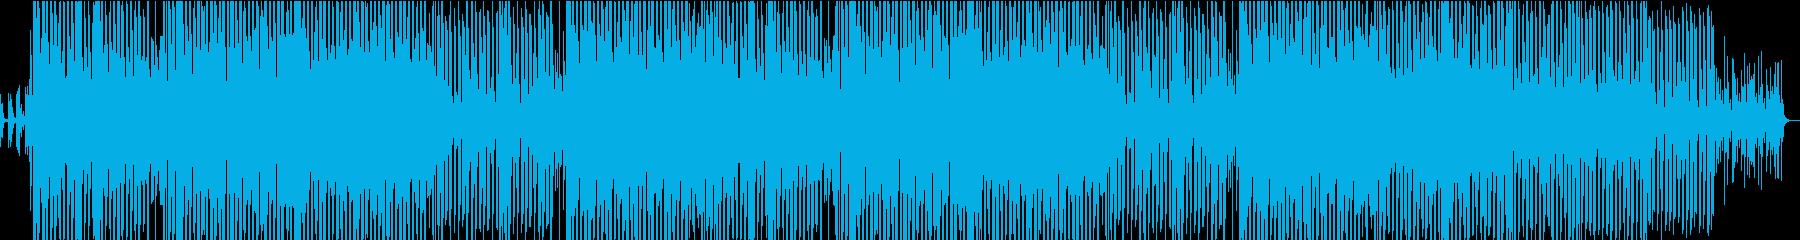 ディスコ風味の明るいポップナンバーの再生済みの波形